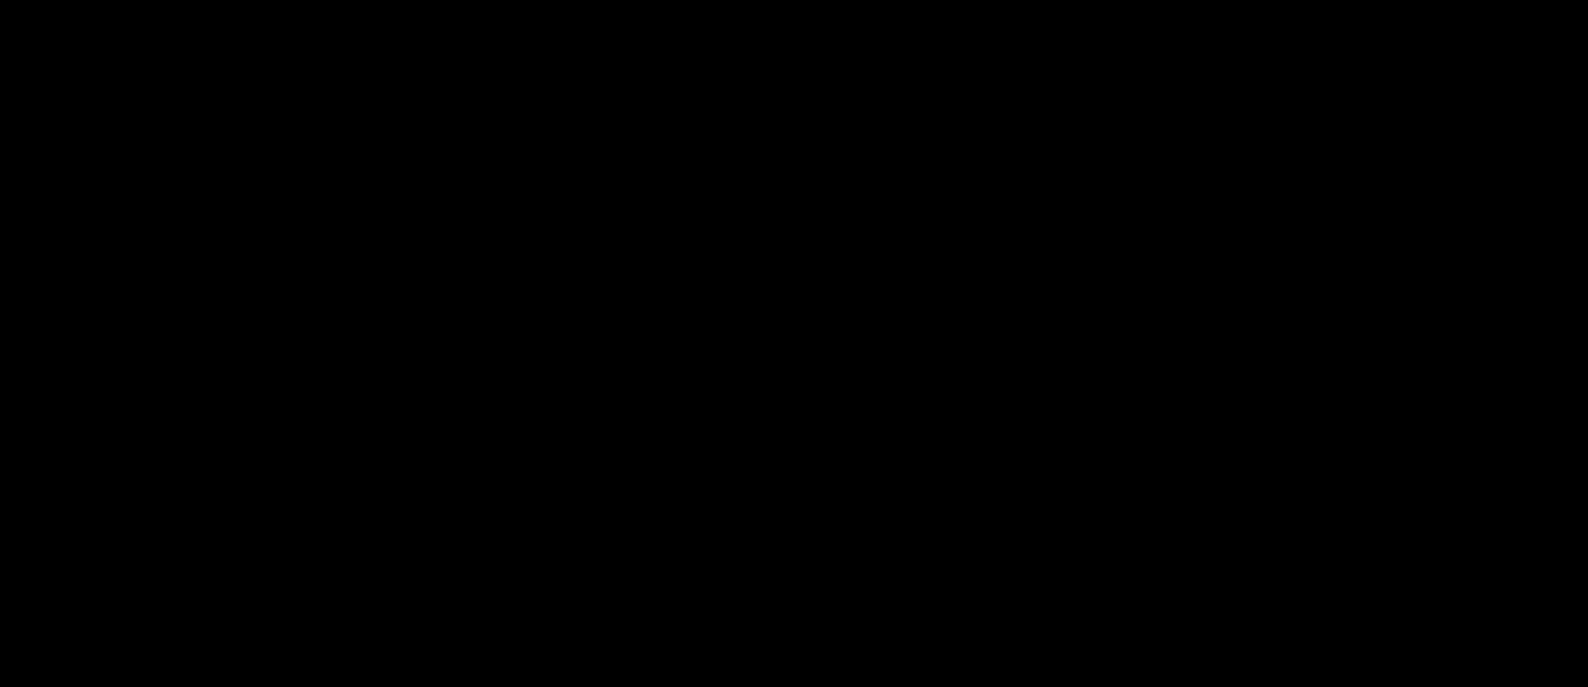 Варианты венчурных портфелей в зависимости от стратегий